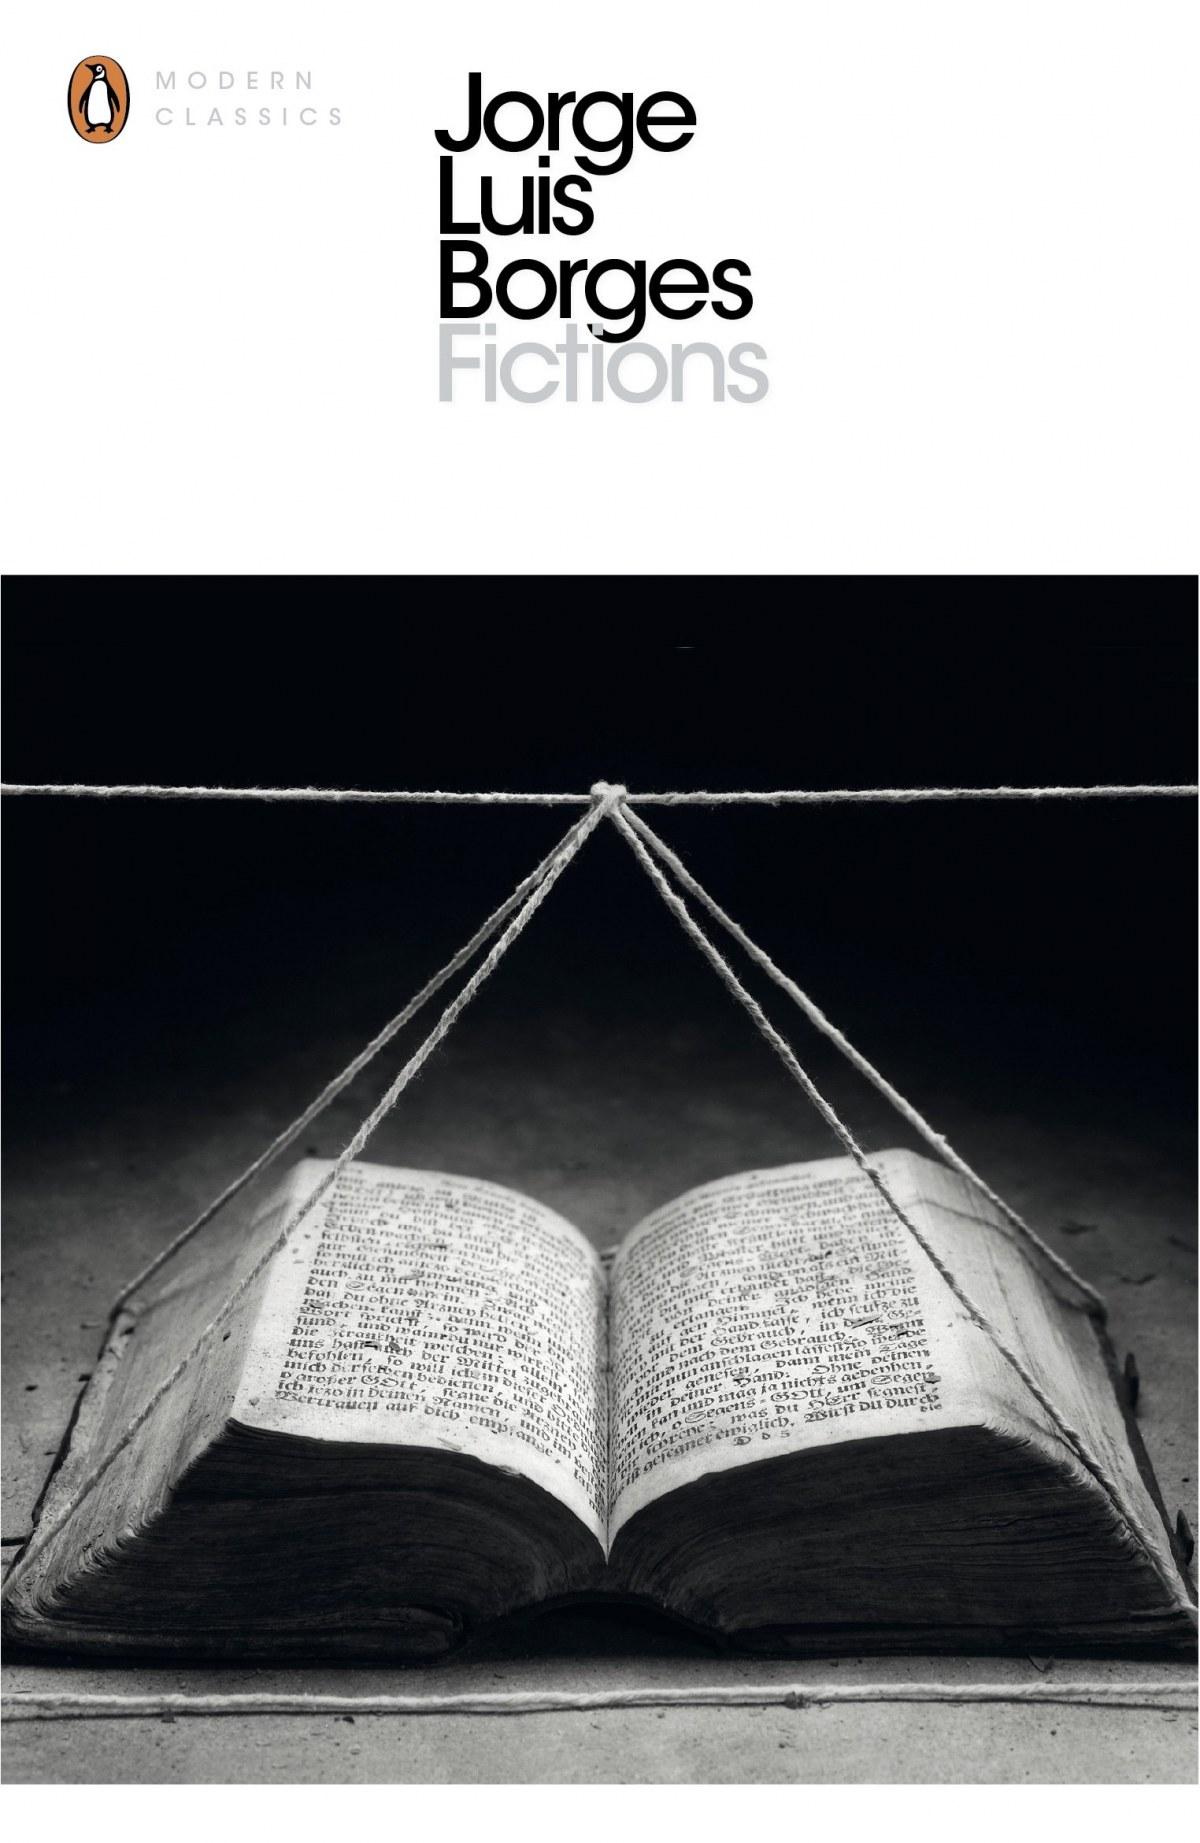 (borges)/fictions penlec